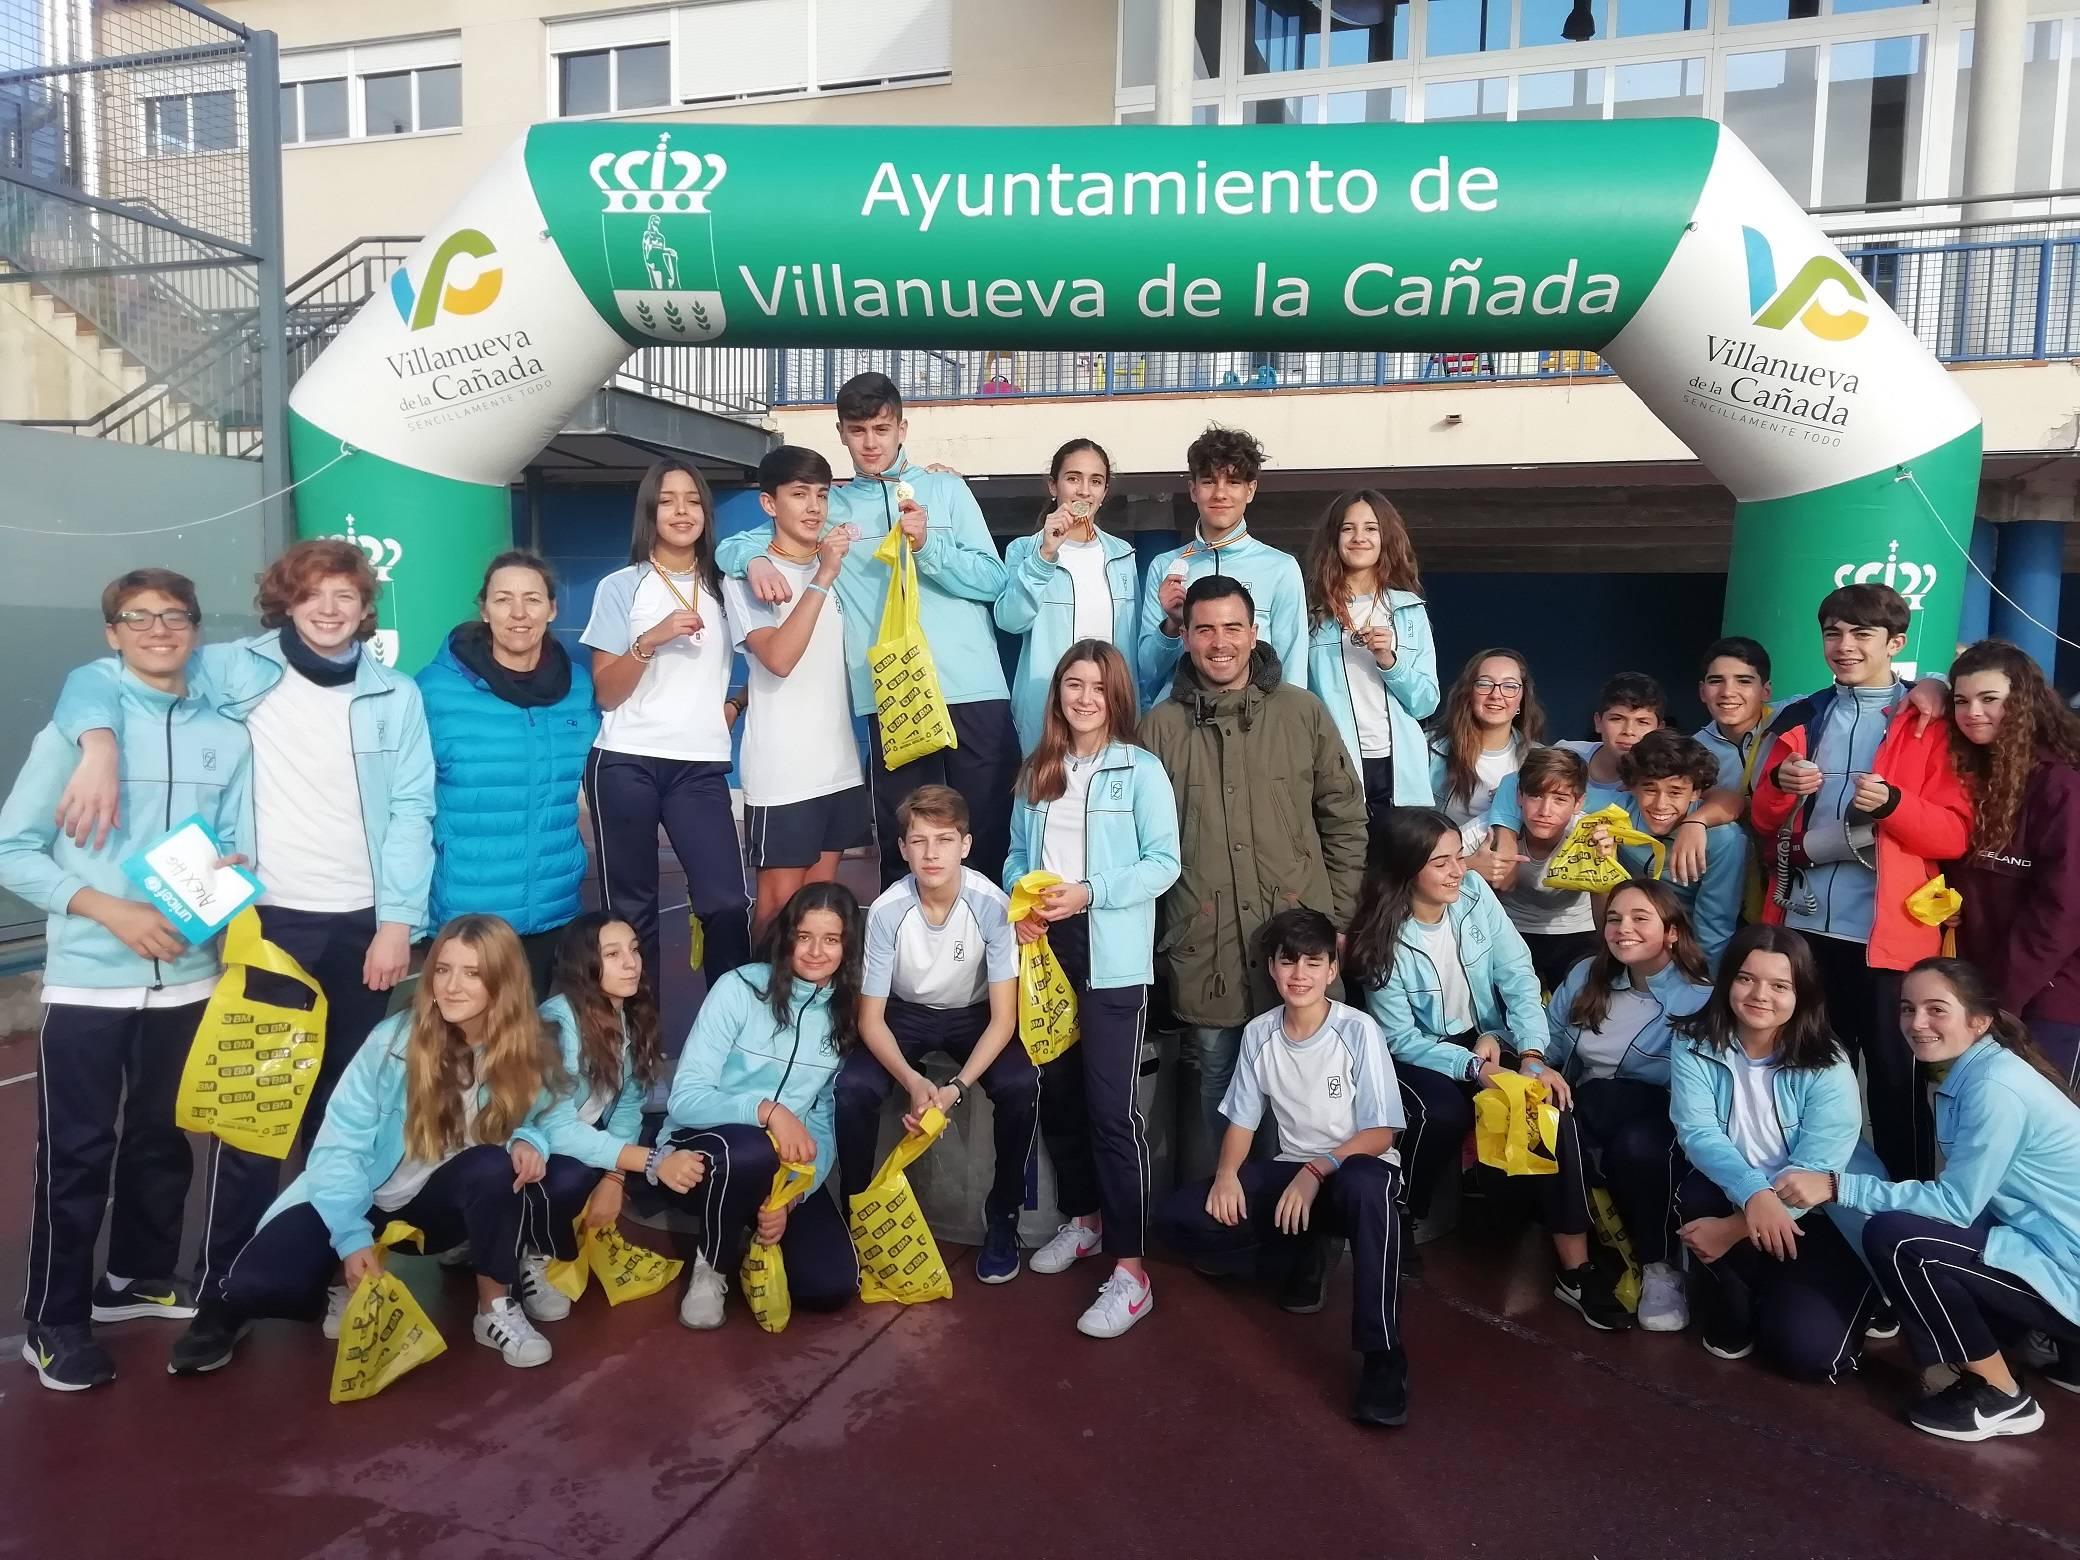 Alumnos del colegio Zola Villafranca con el concejal de Deportes y Juventud, Ignacio González. Fuente: Colegio Zola Villafranca.